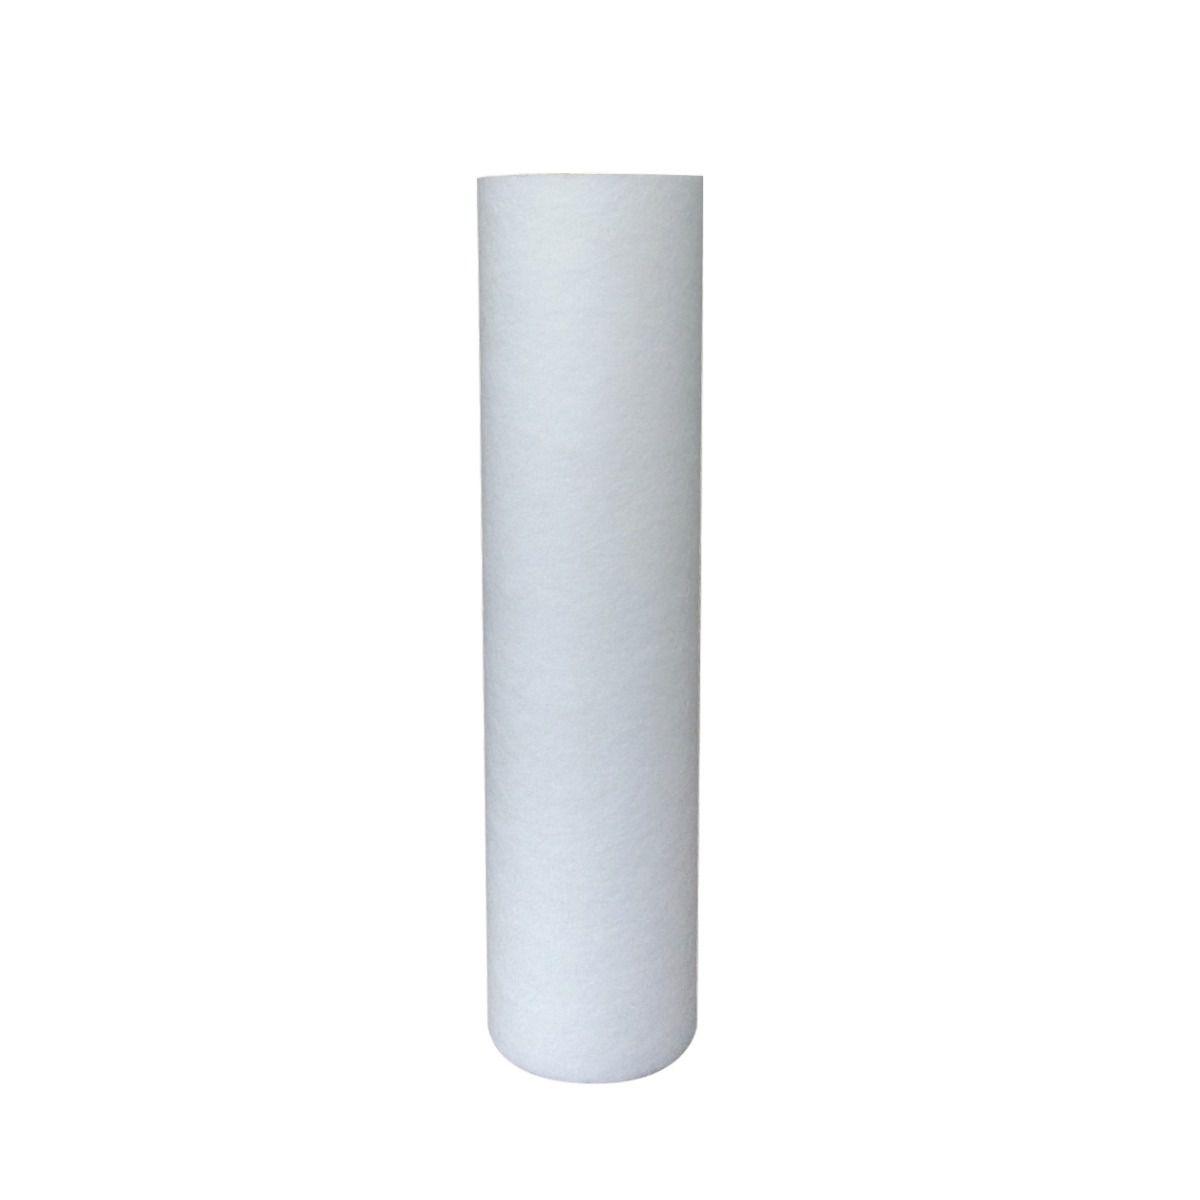 Refil Polipropileno Para Filtros 1 Micra